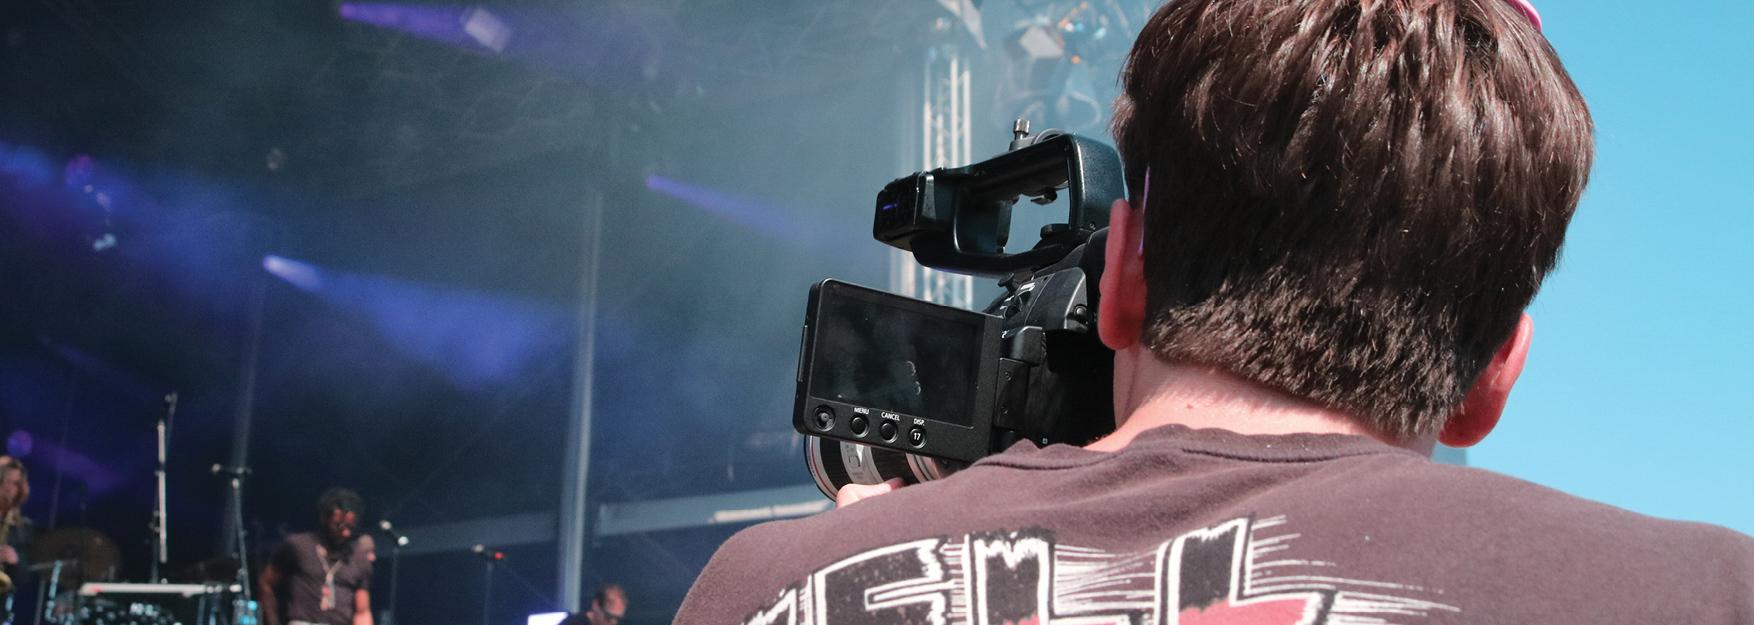 Bevrijdingsfestival-Cameraman